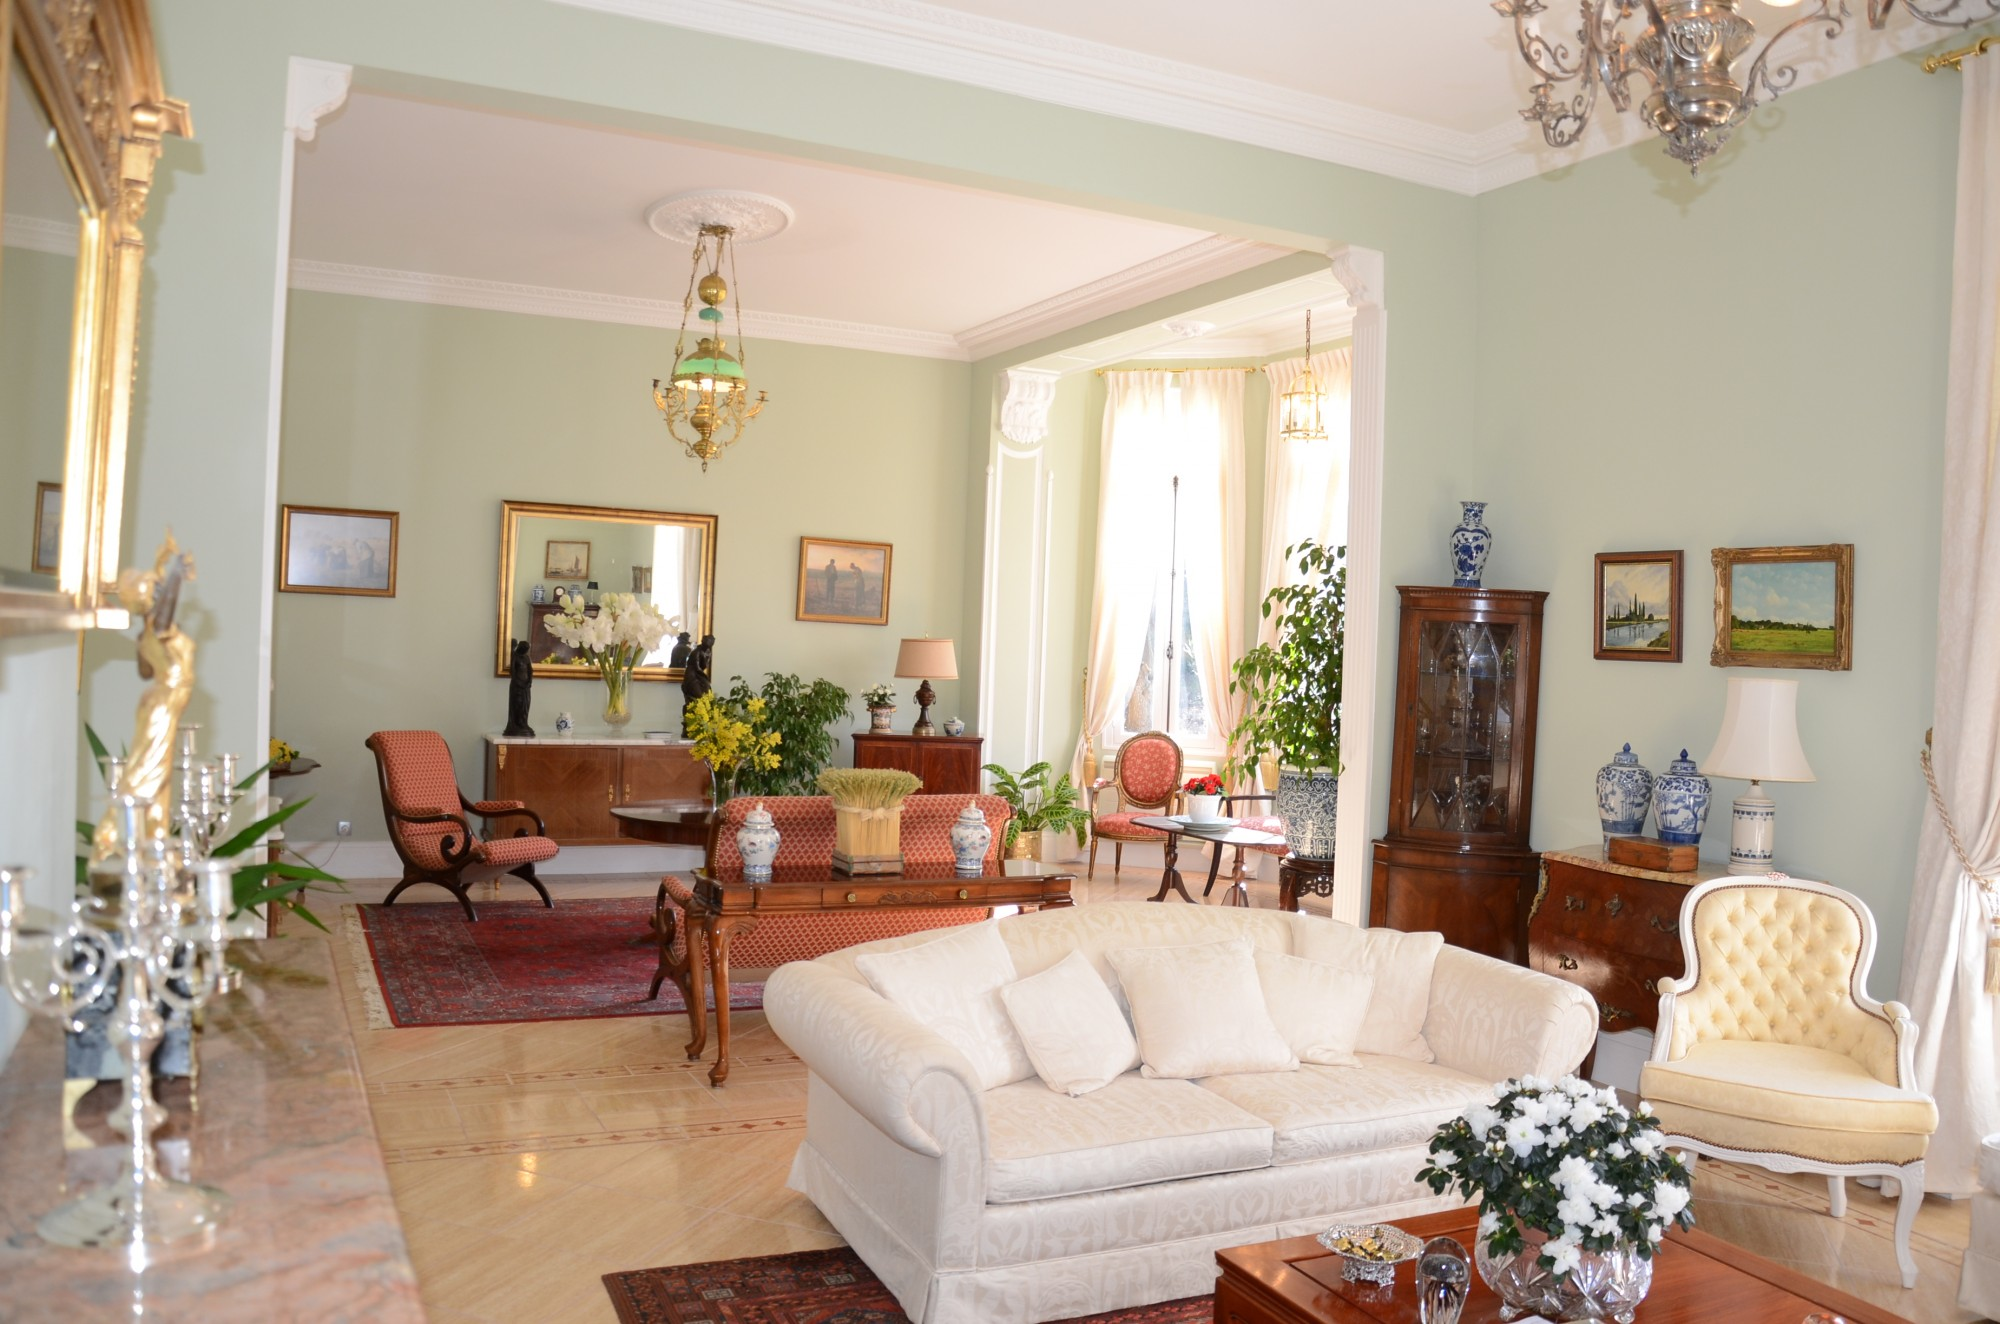 demeure familiale à la vente 7 chambres ville d'hiver Arcachon